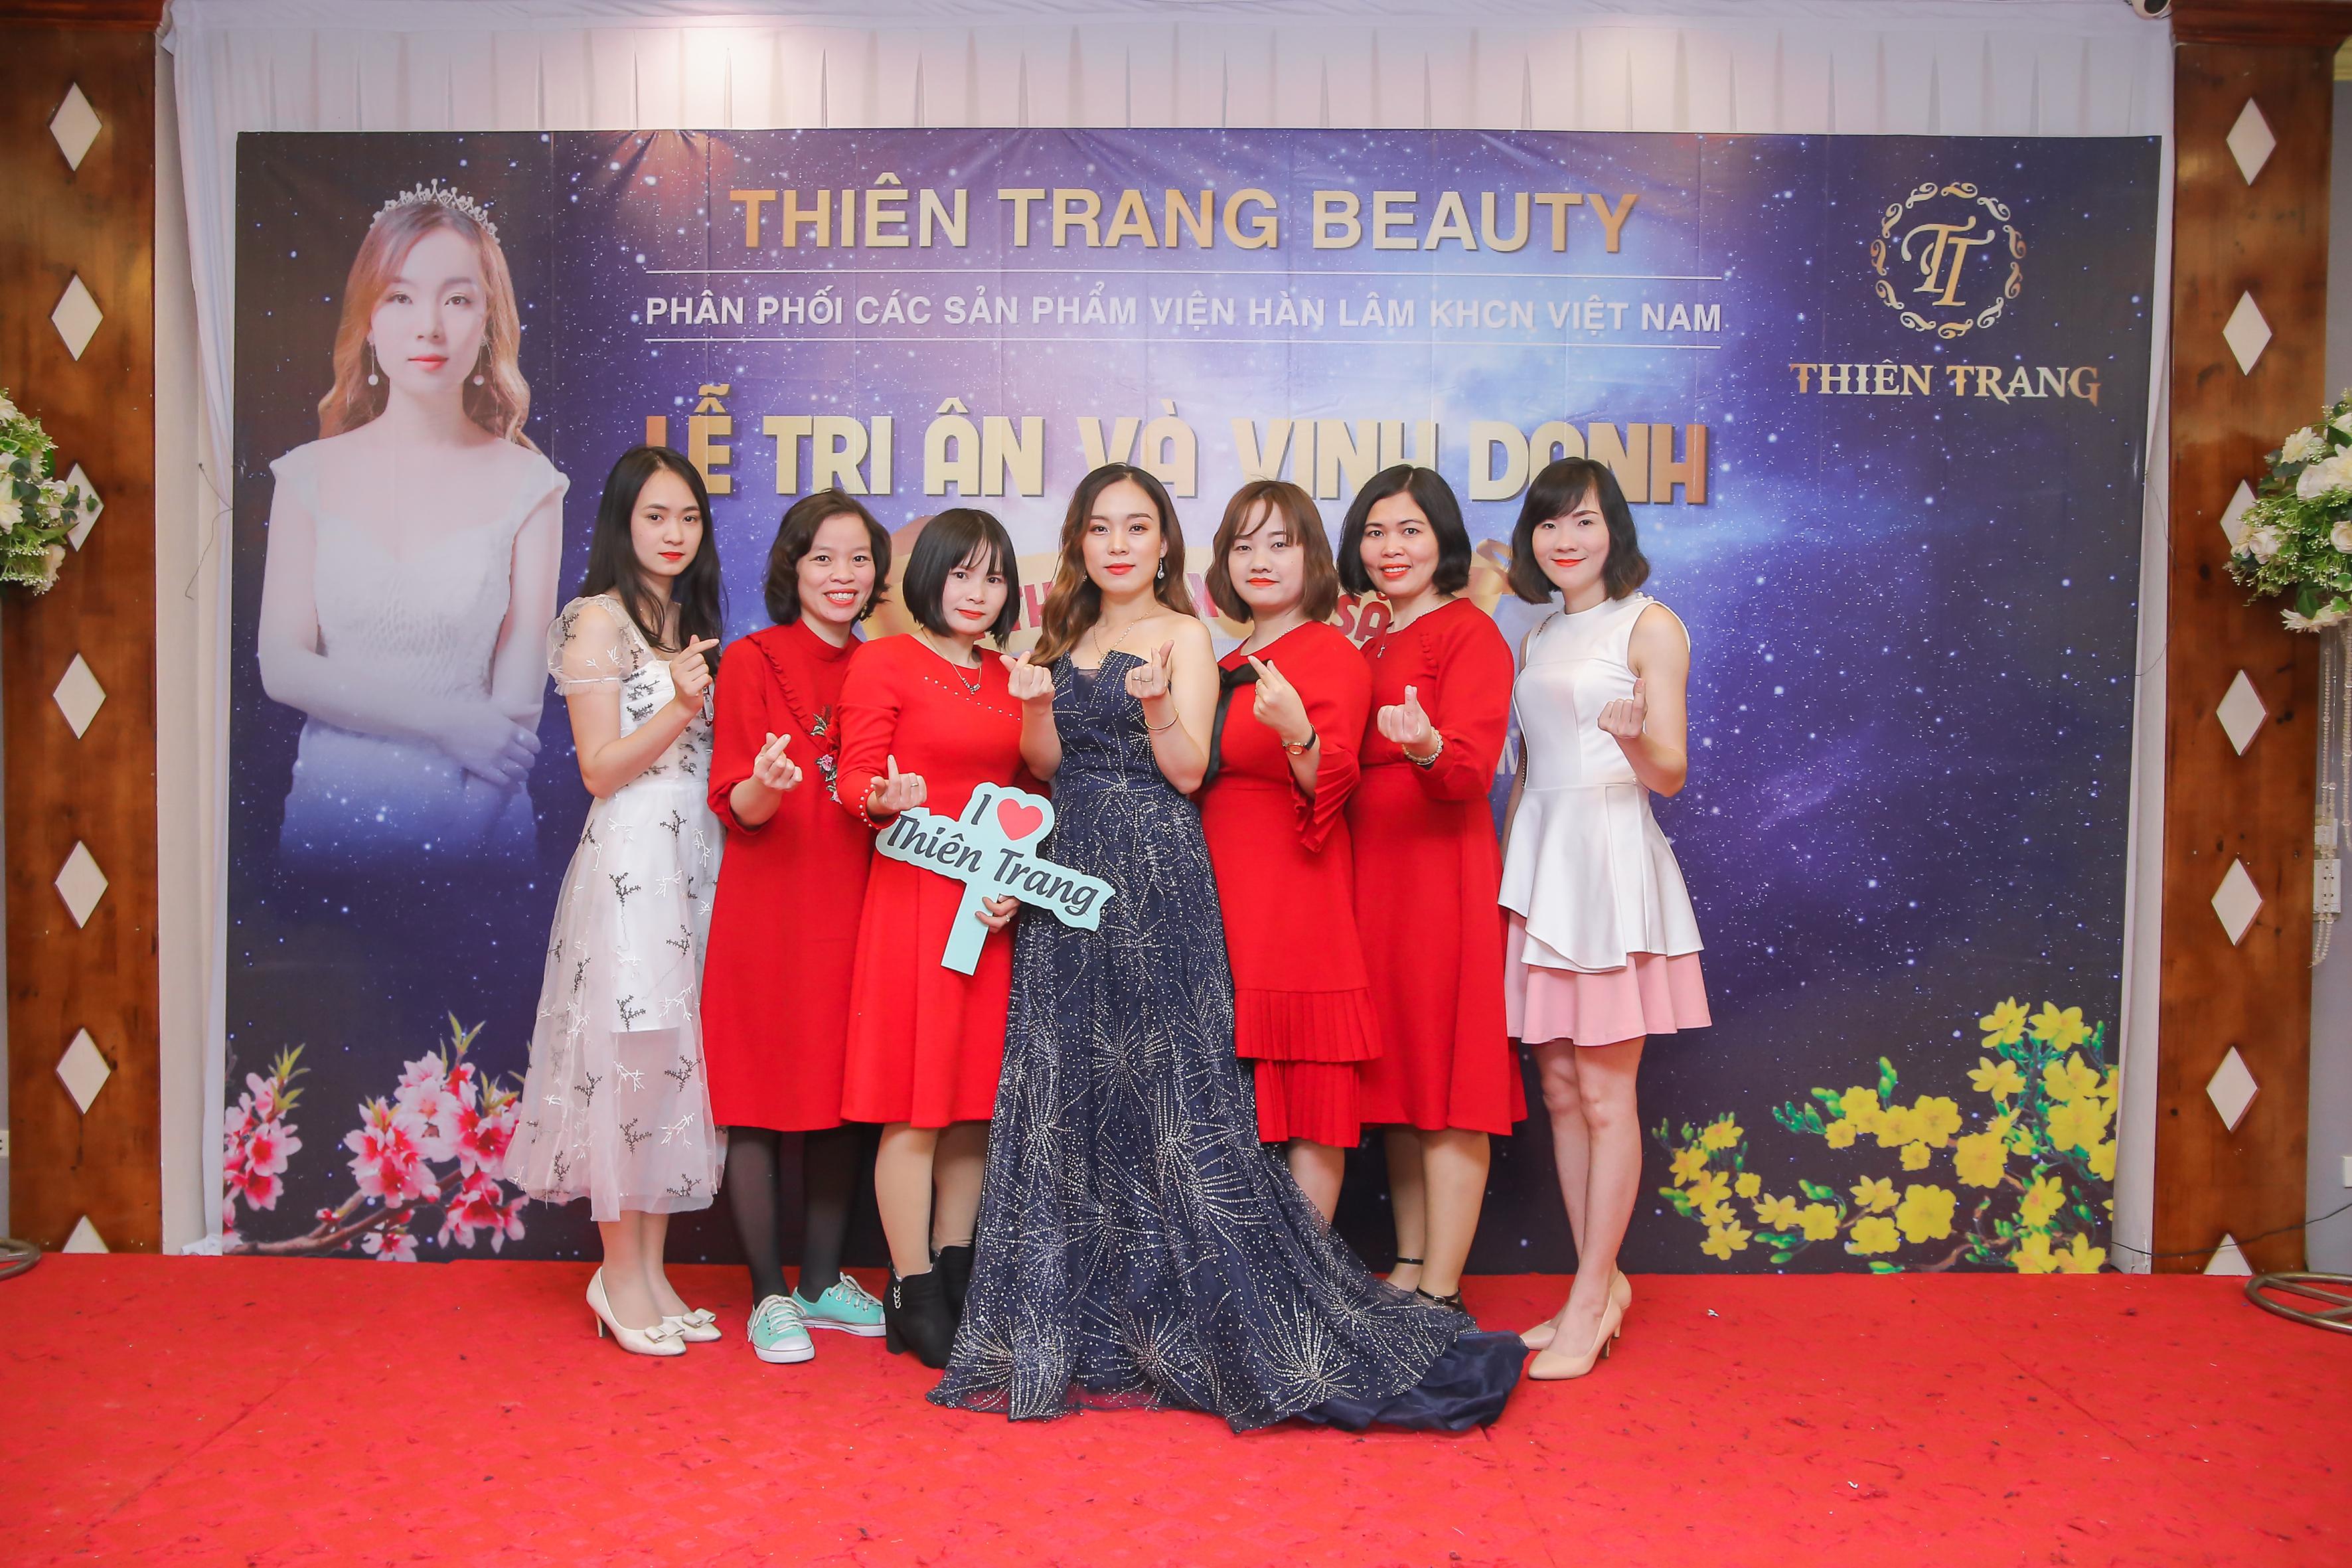 Giám đốc Thiên Trang cùng đội ngũ nhân viên trước buổi tiệc